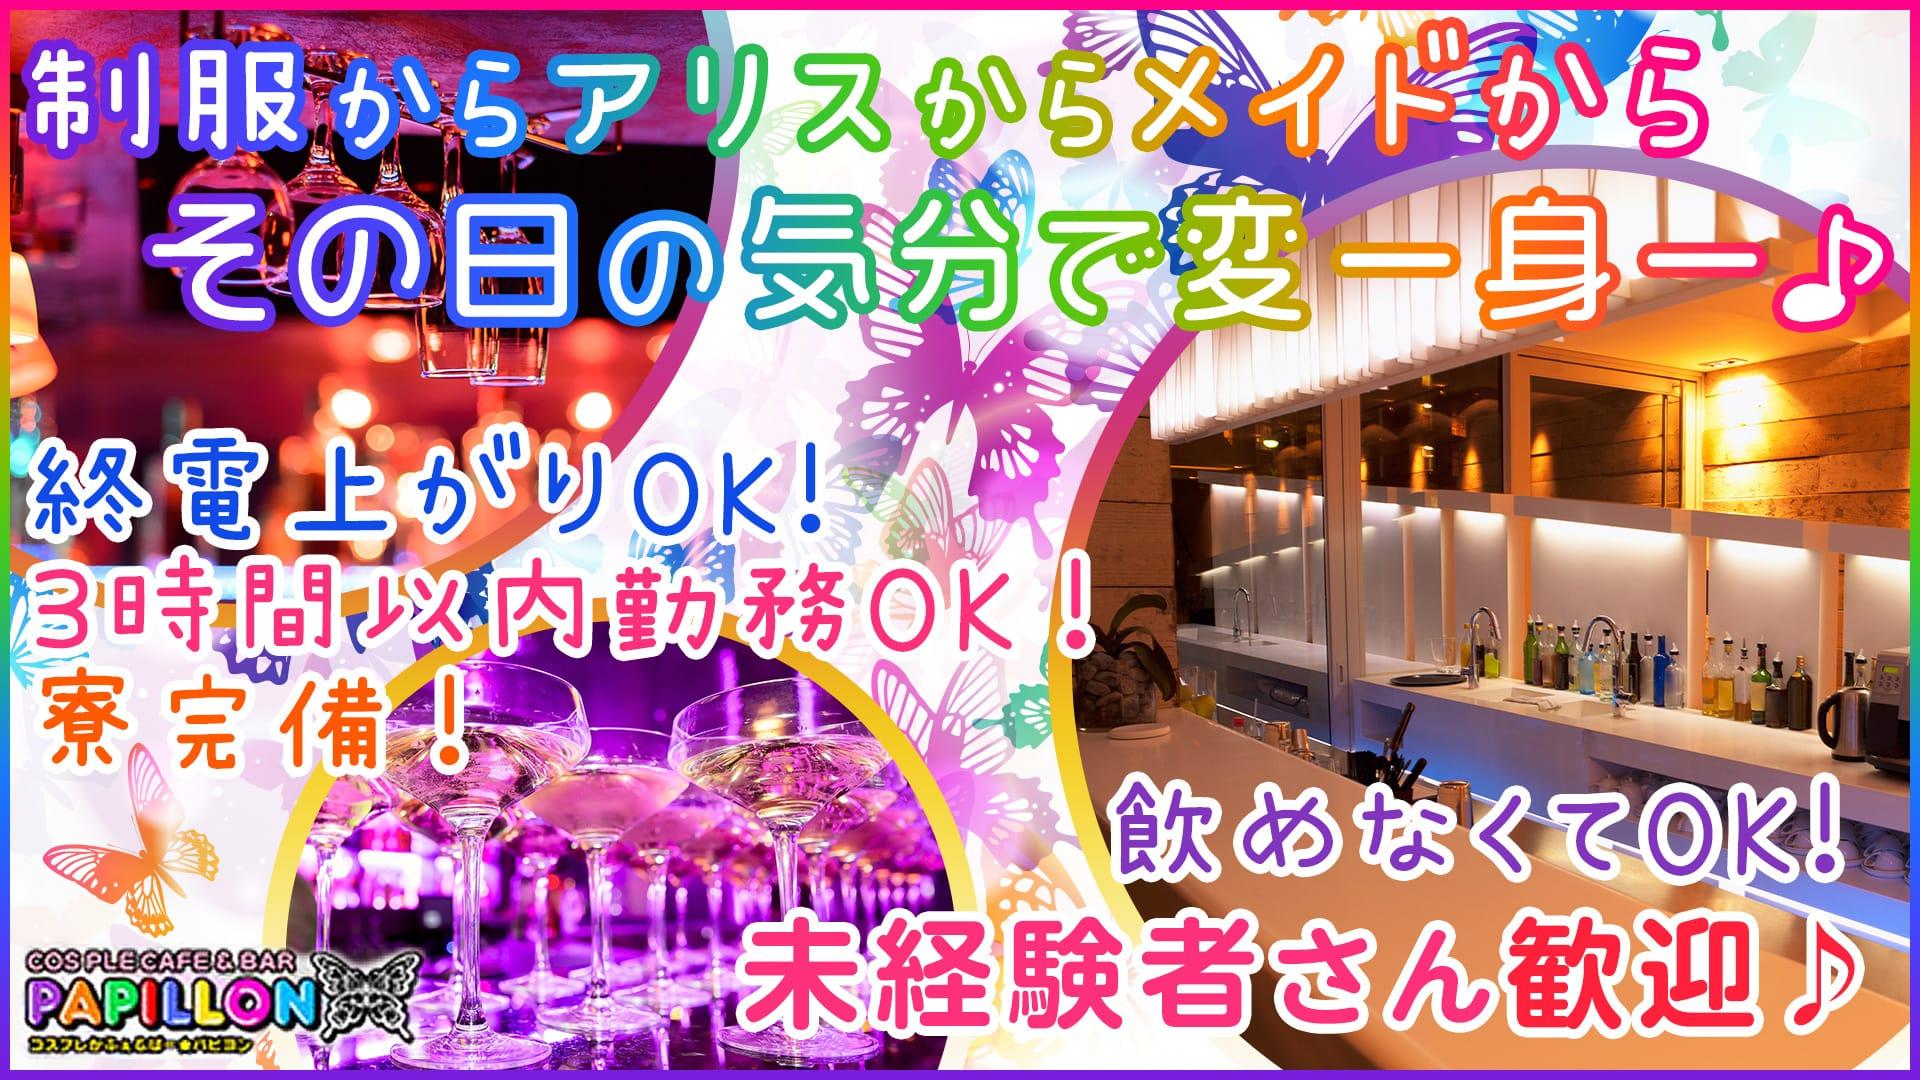 パピヨン 錦糸町ガールズバー TOP画像